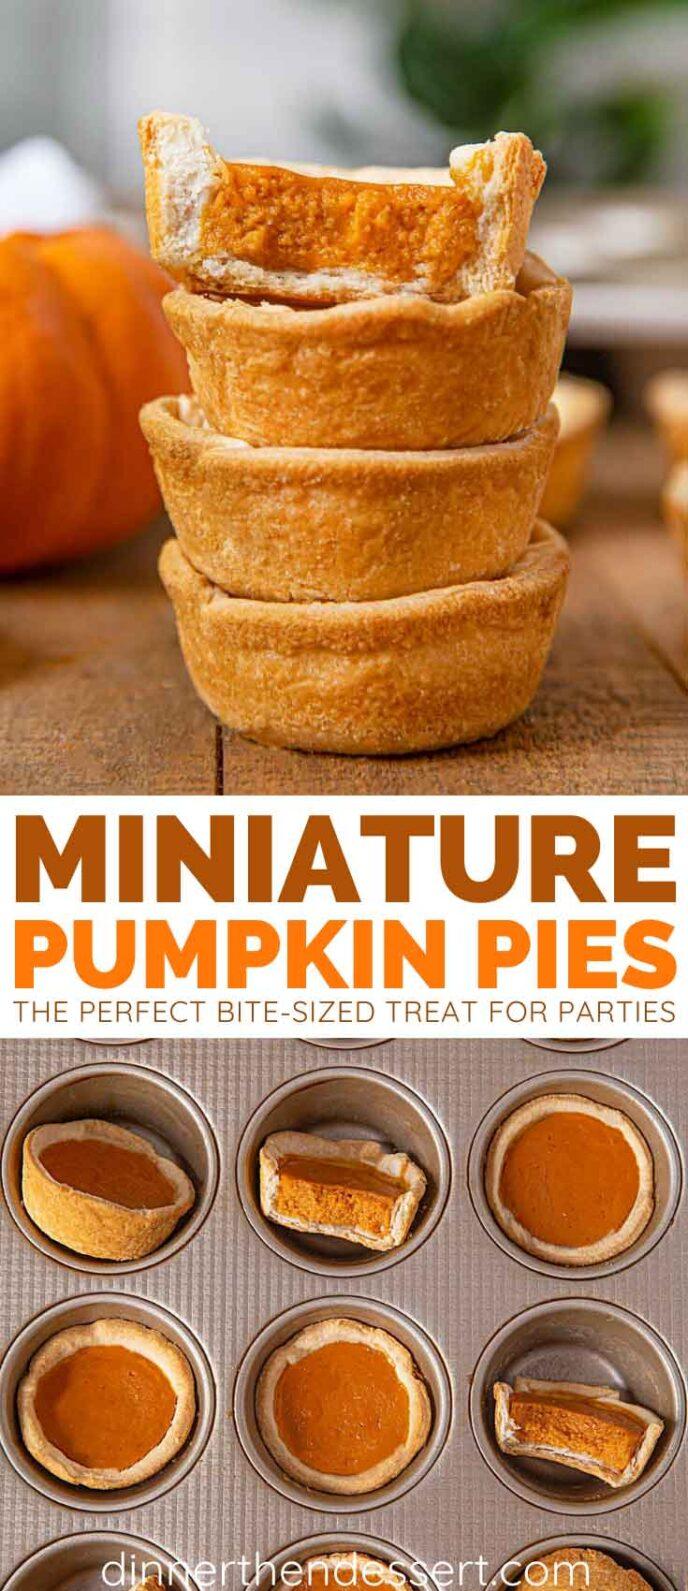 Mini Pumpkin Pies collage